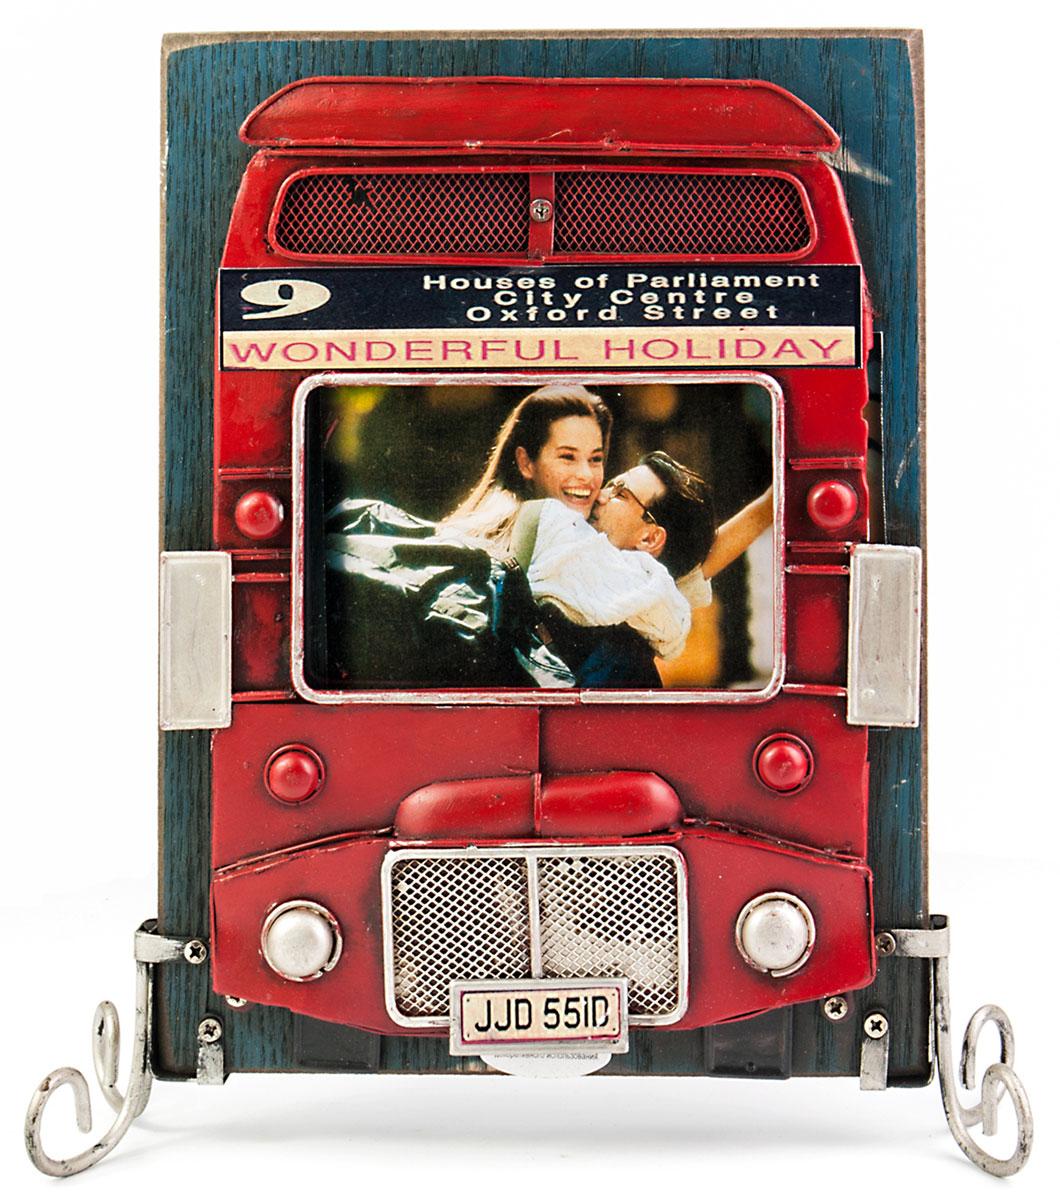 Фоторамка Platinum Лондонский автобус, двухстороняя. 1510F-3851510F-385Фоторамка Platinum Лондонский автобус, изготовленная из металла, имеет оригинальный дизайн. Рамка выполнена в винтажном стиле и может использоваться с двух сторон. Каждая сторона оформленав виде знаменитого красного лондонского автобуса.Фоторамка поможет вам оригинально и стильно дополнить интерьер помещения, а также позволит сохранить память о дорогих вам людях и интересных событиях вашей жизни.Подходит для двух фотографий размером: 9 х 12 см.